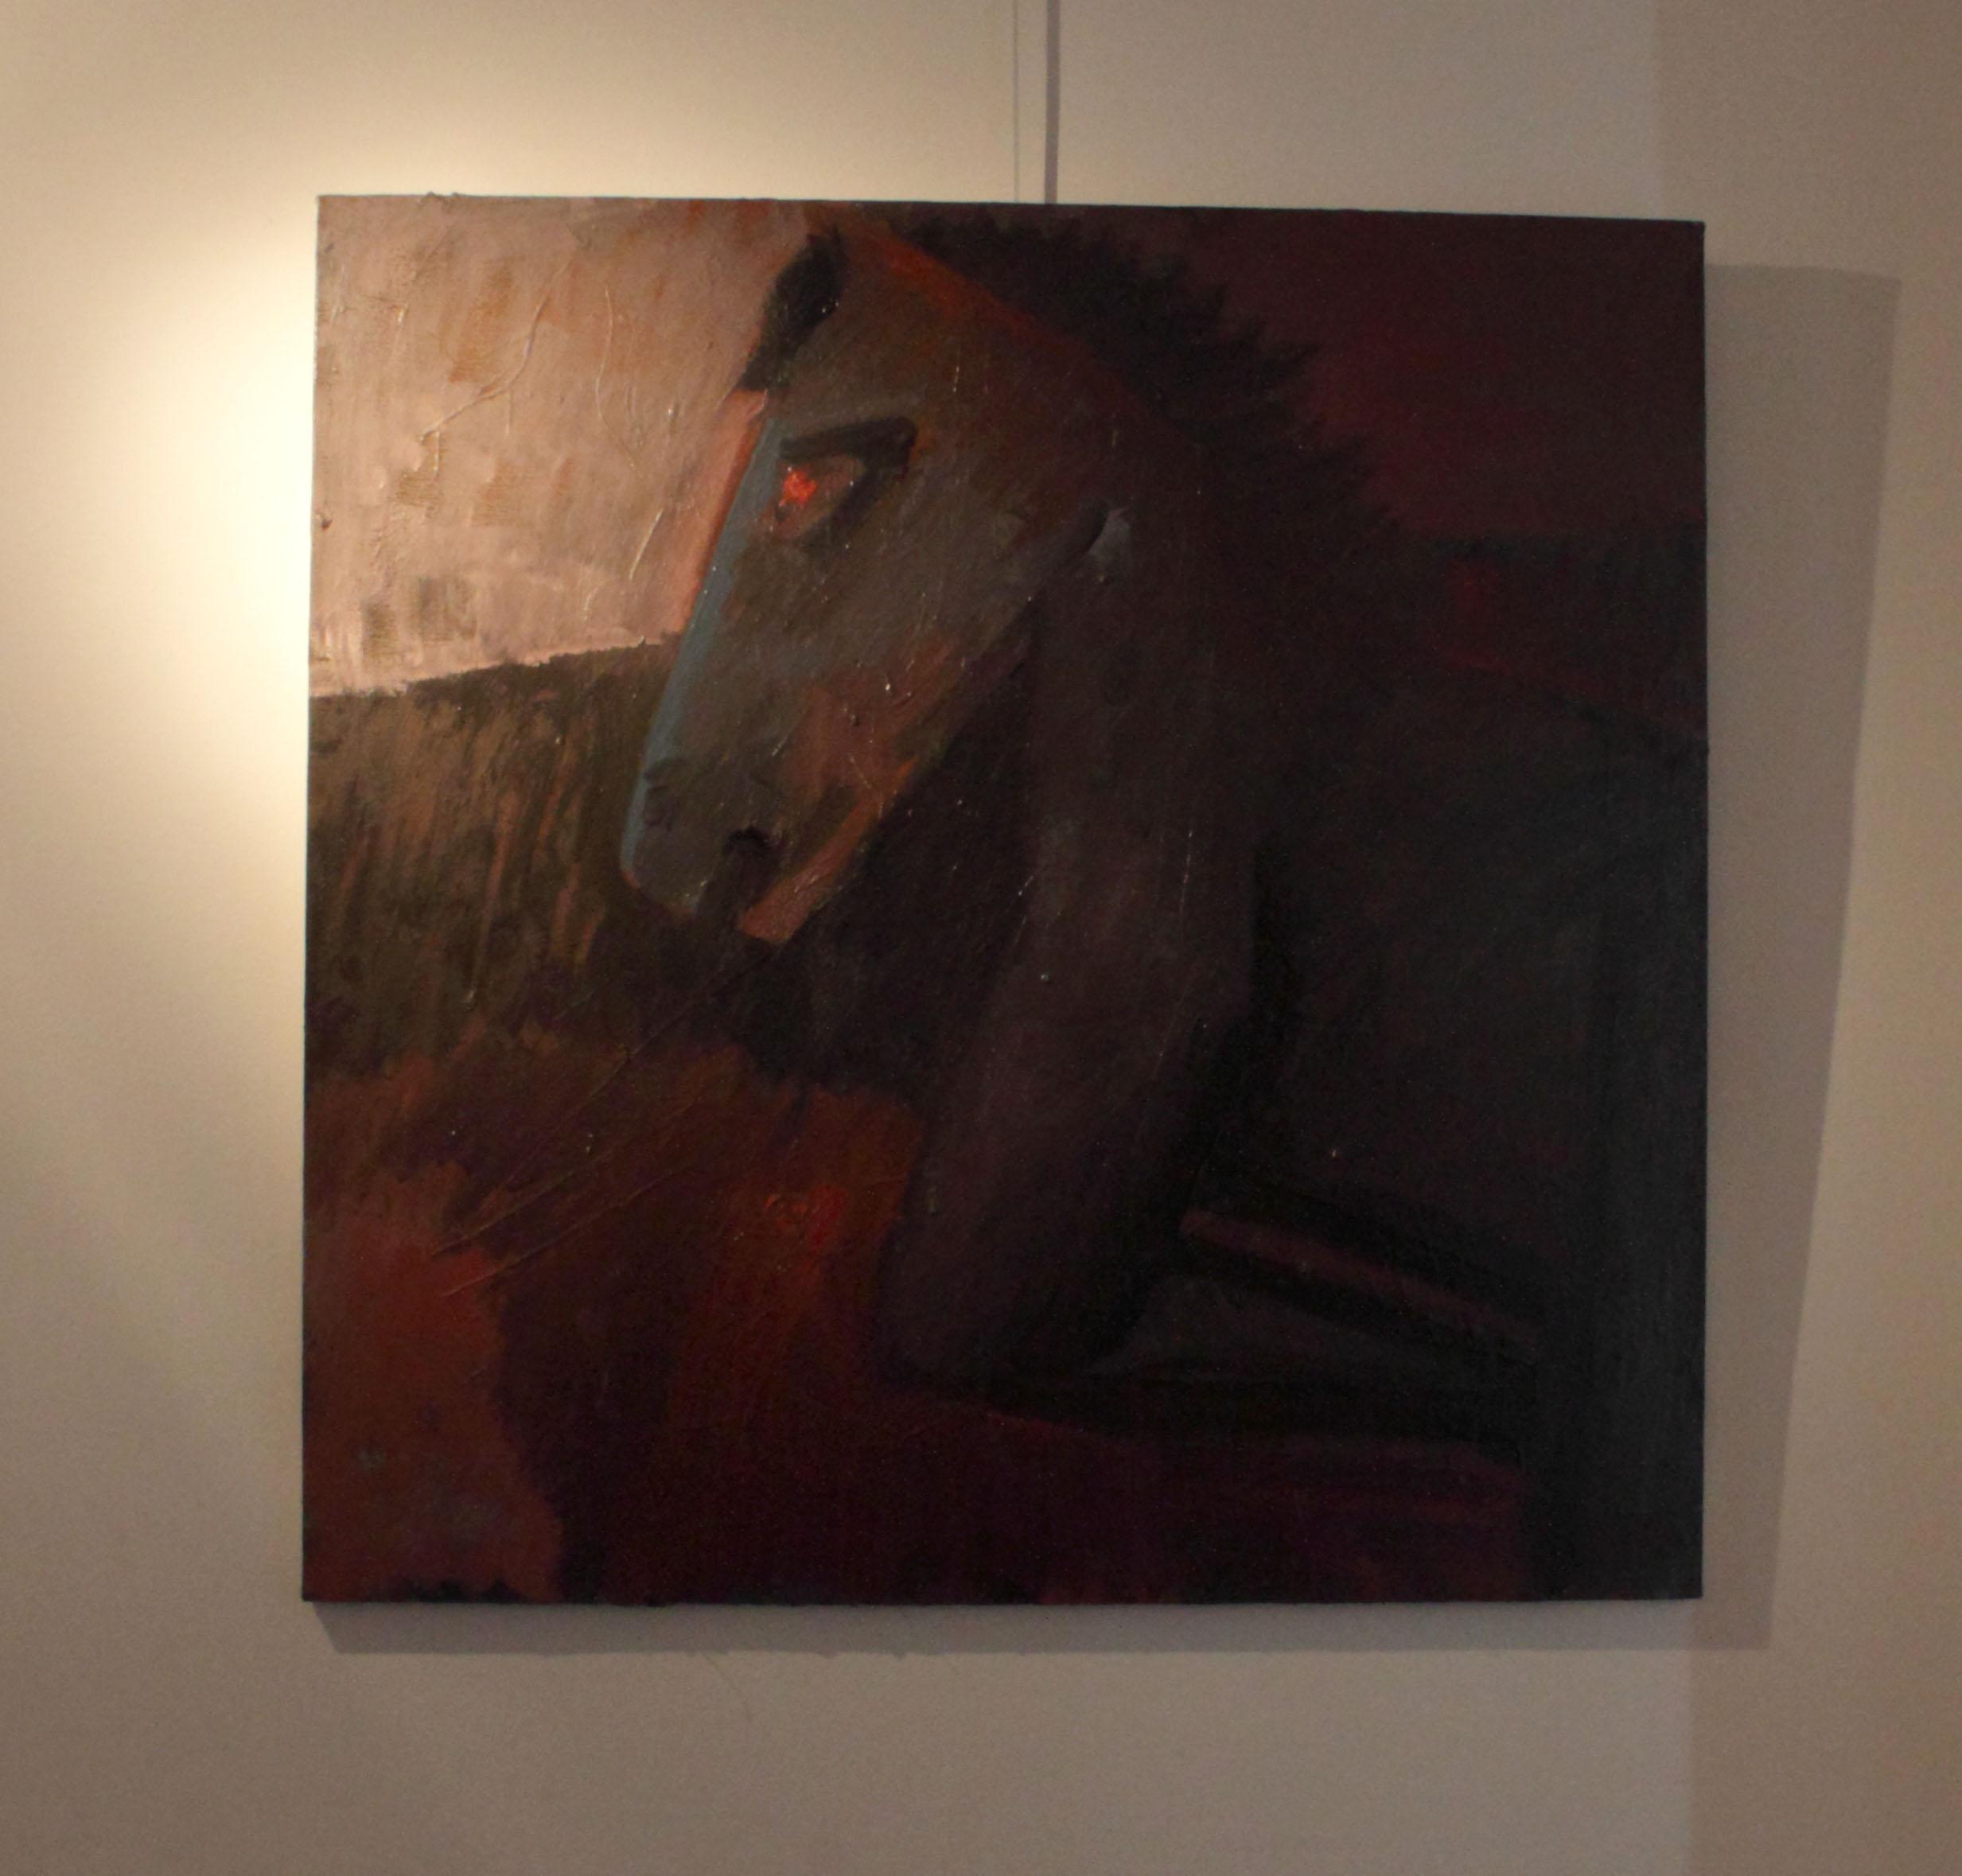 Pony2012